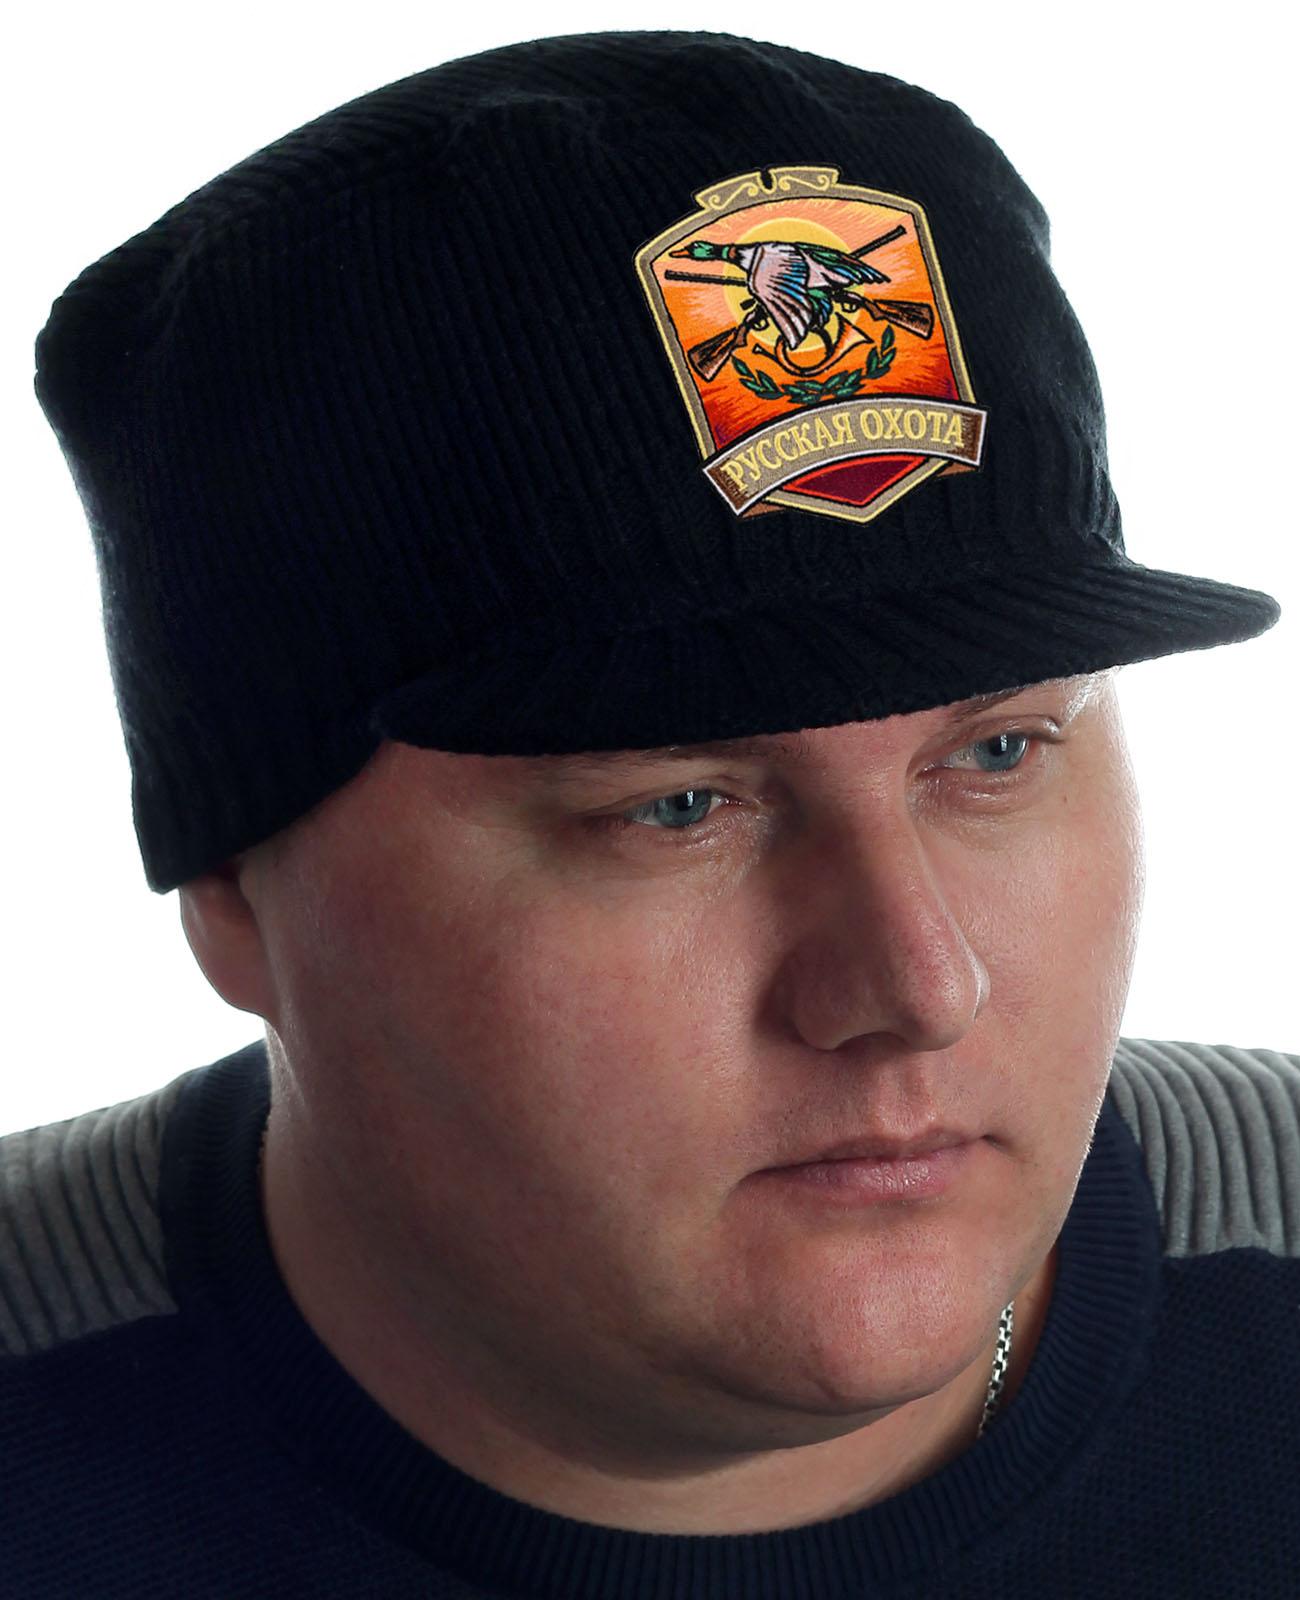 Купить черную мужскую кепку Miller Way с нашивкой РУССКАЯ ОХОТА оптом или в розницу